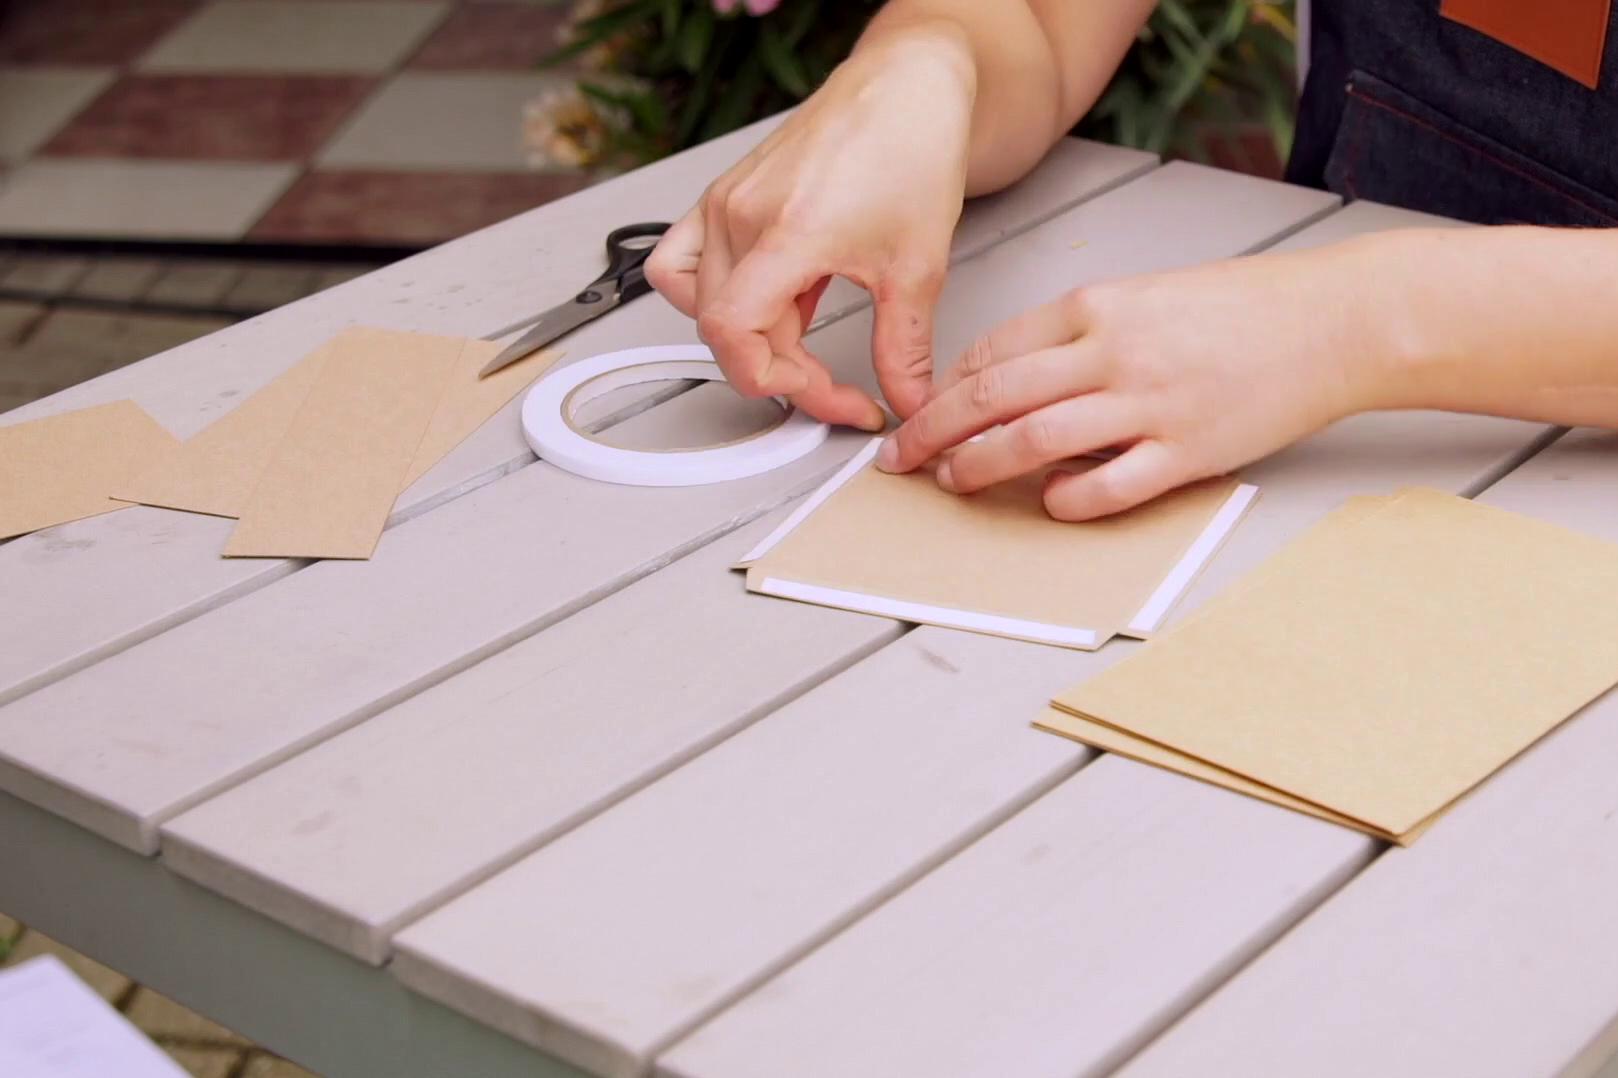 Doppelseitiges Klebeband wird für die Klebeblaschen angebracht